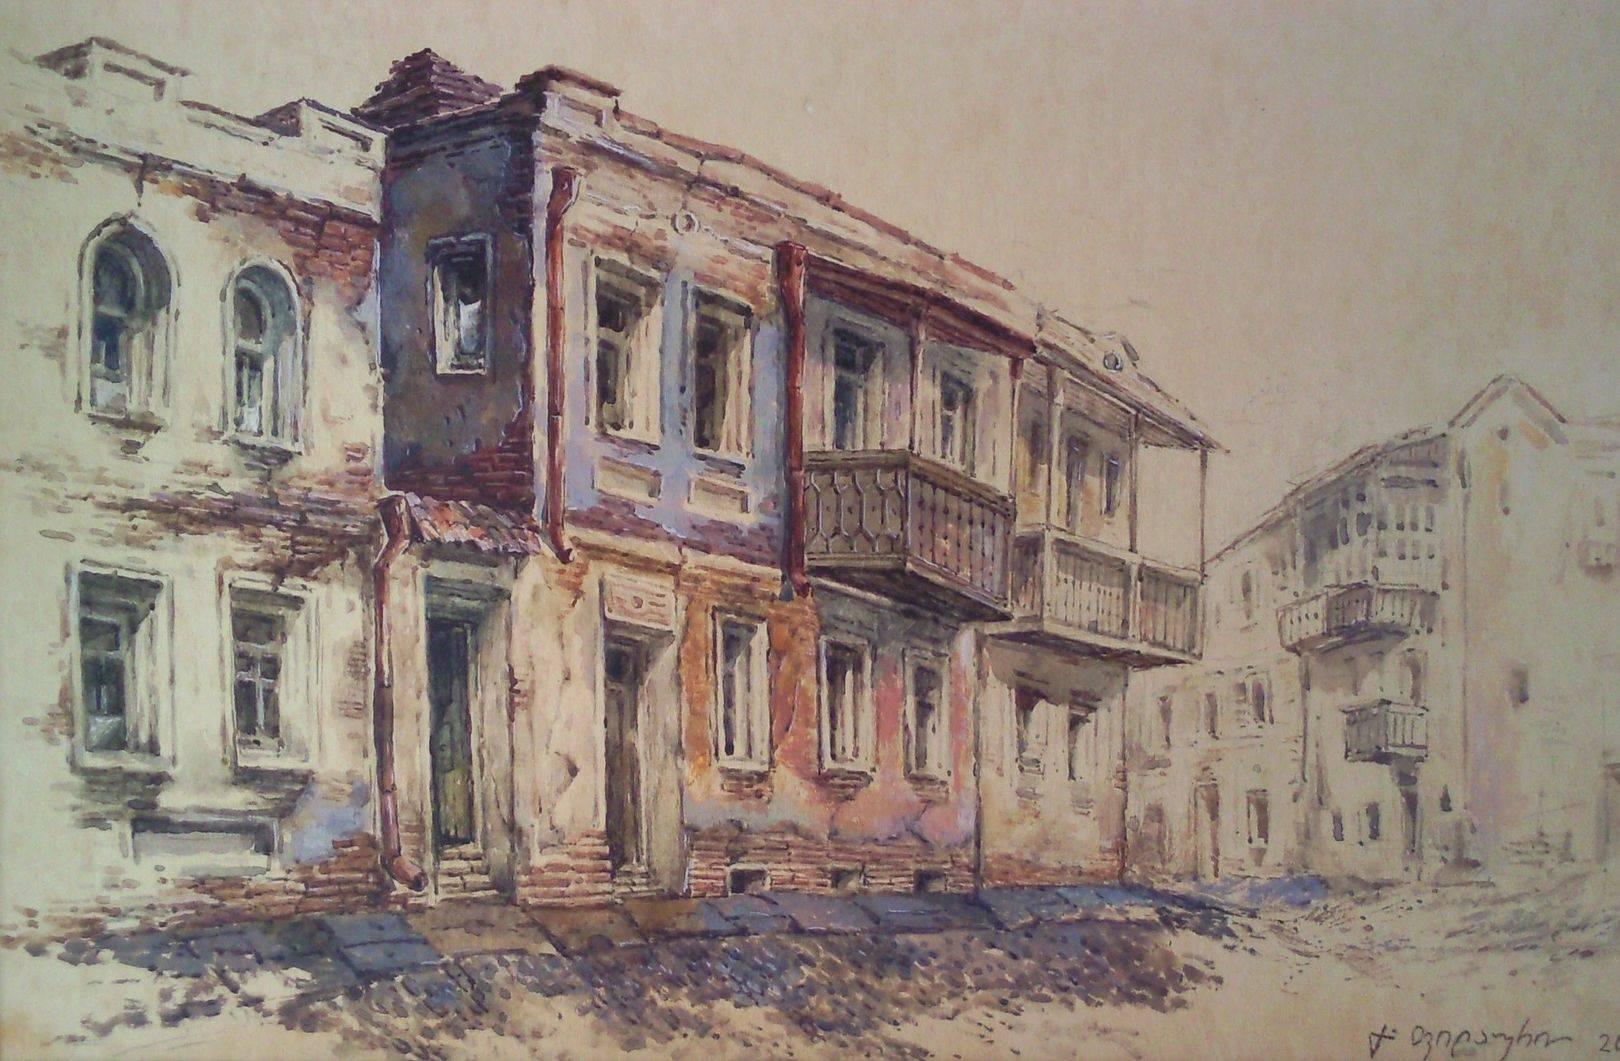 «На улице Плеханова»        бумага, акварель, гуашь «On the Plekhanov street»    paper, aquarelle, gouache 20x30, 2013